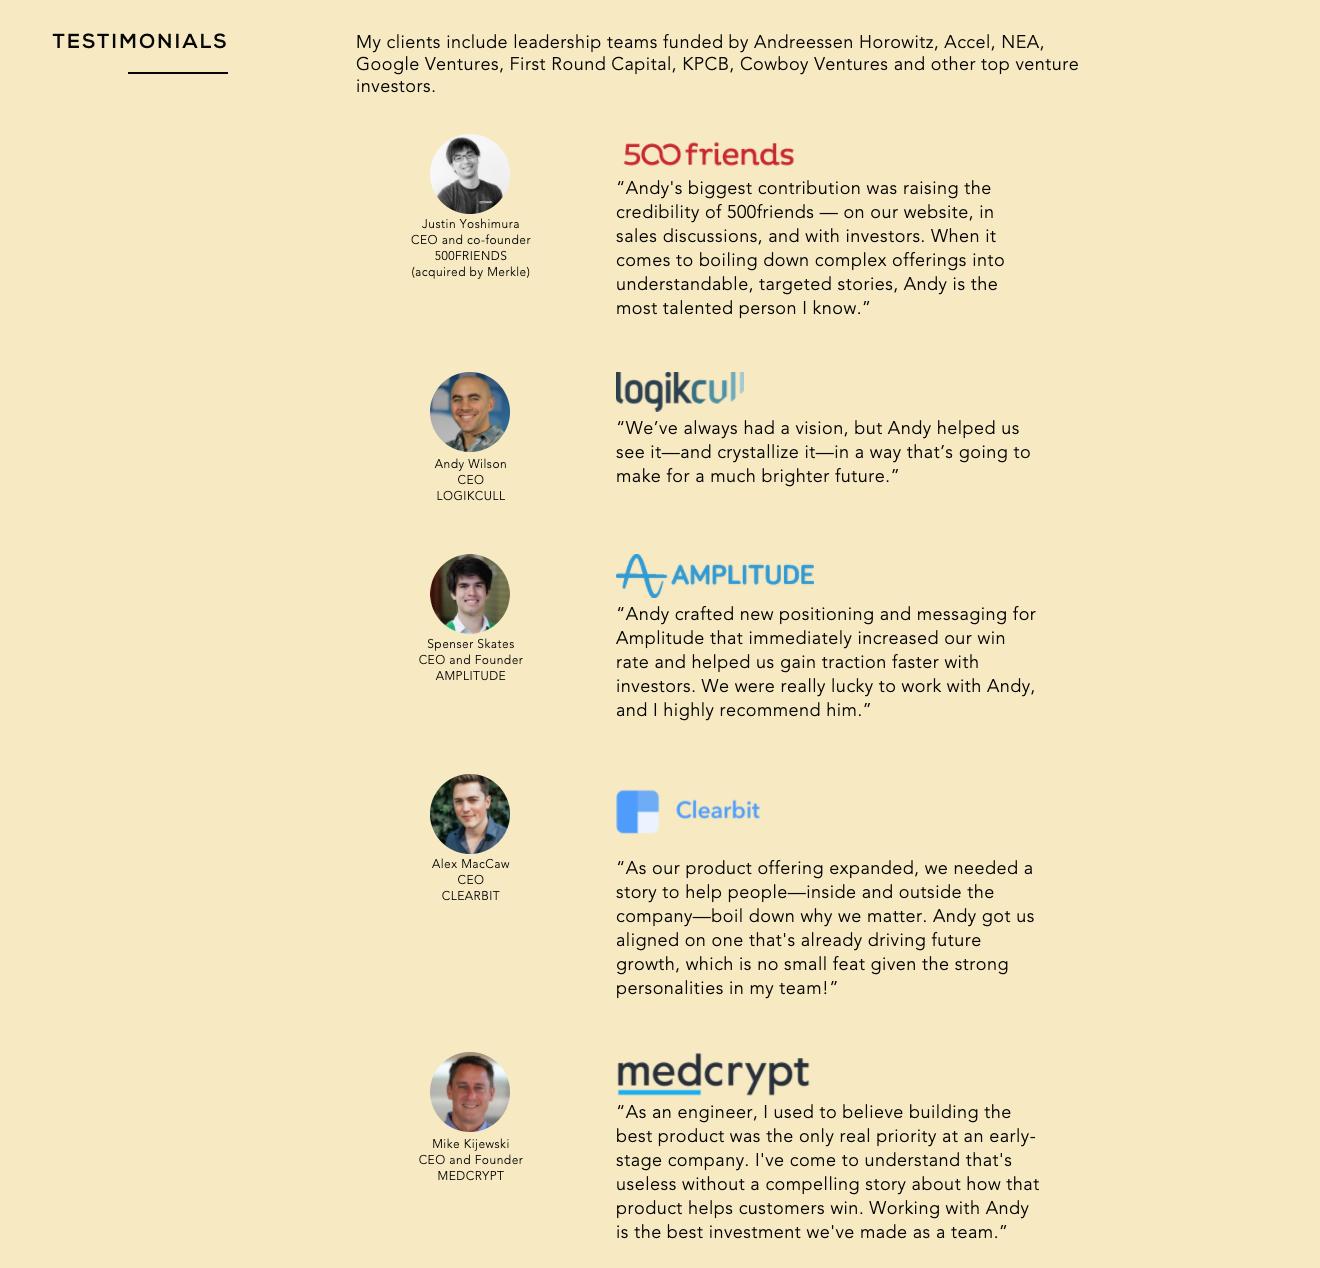 Testimonials on a website.